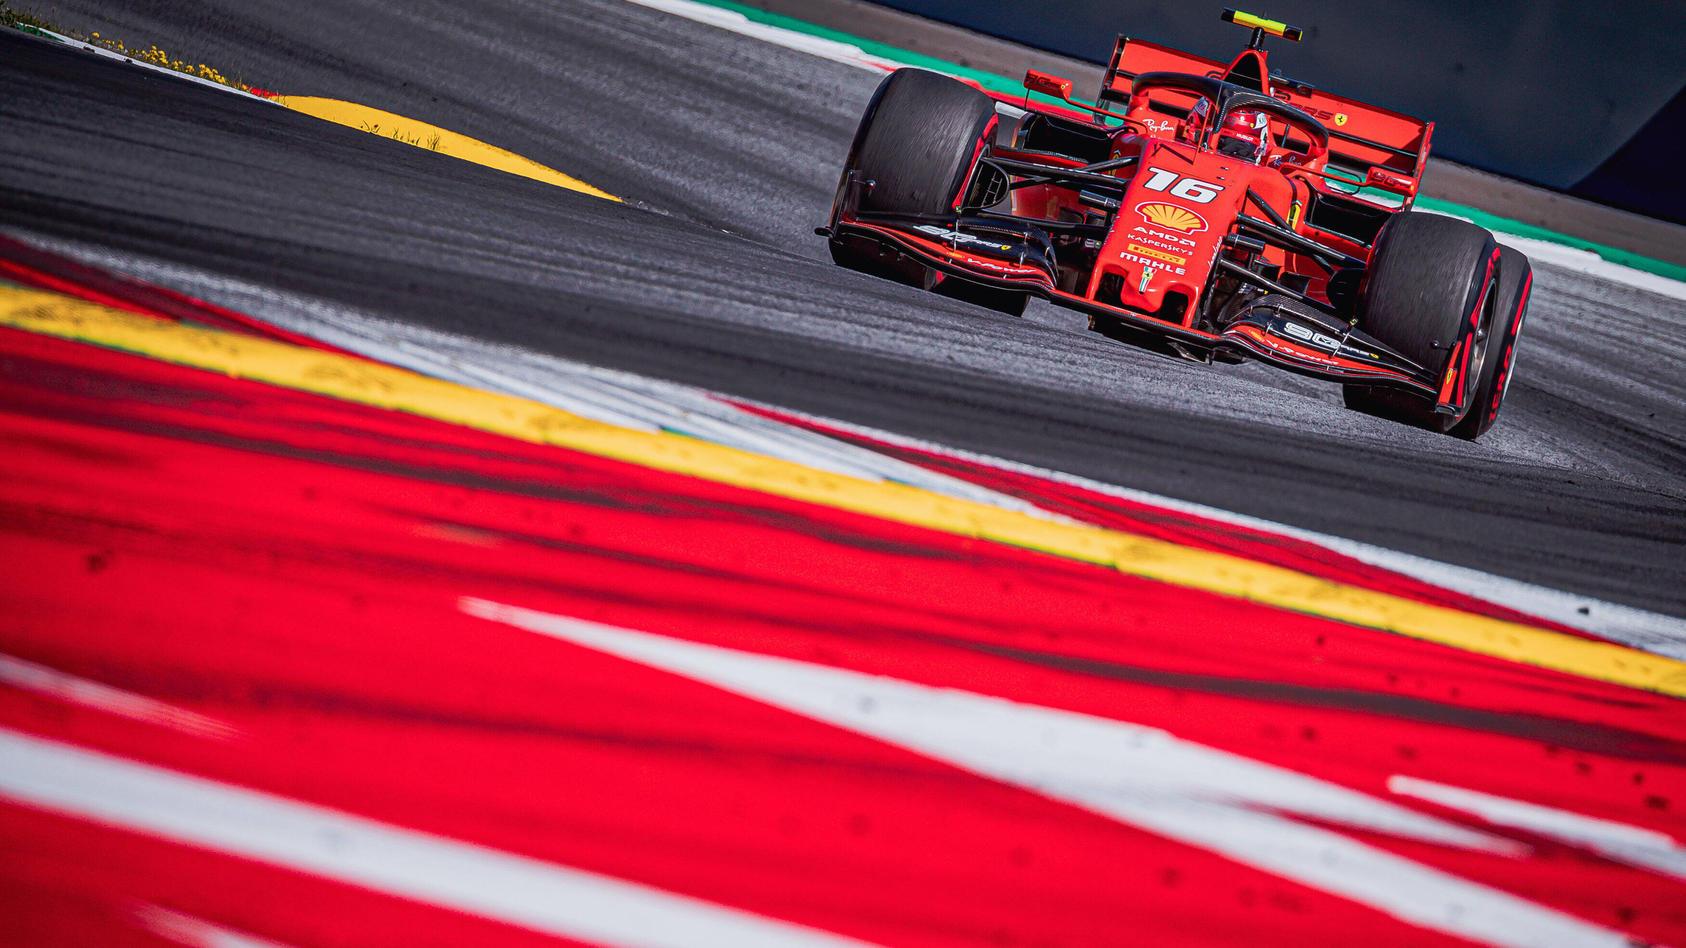 30.06.2019, Red Bull Ring, Spielberg, AUT, FIA, Formel 1, Grosser Preis von Österreich, Rennen, im Bild Charles Leclerc